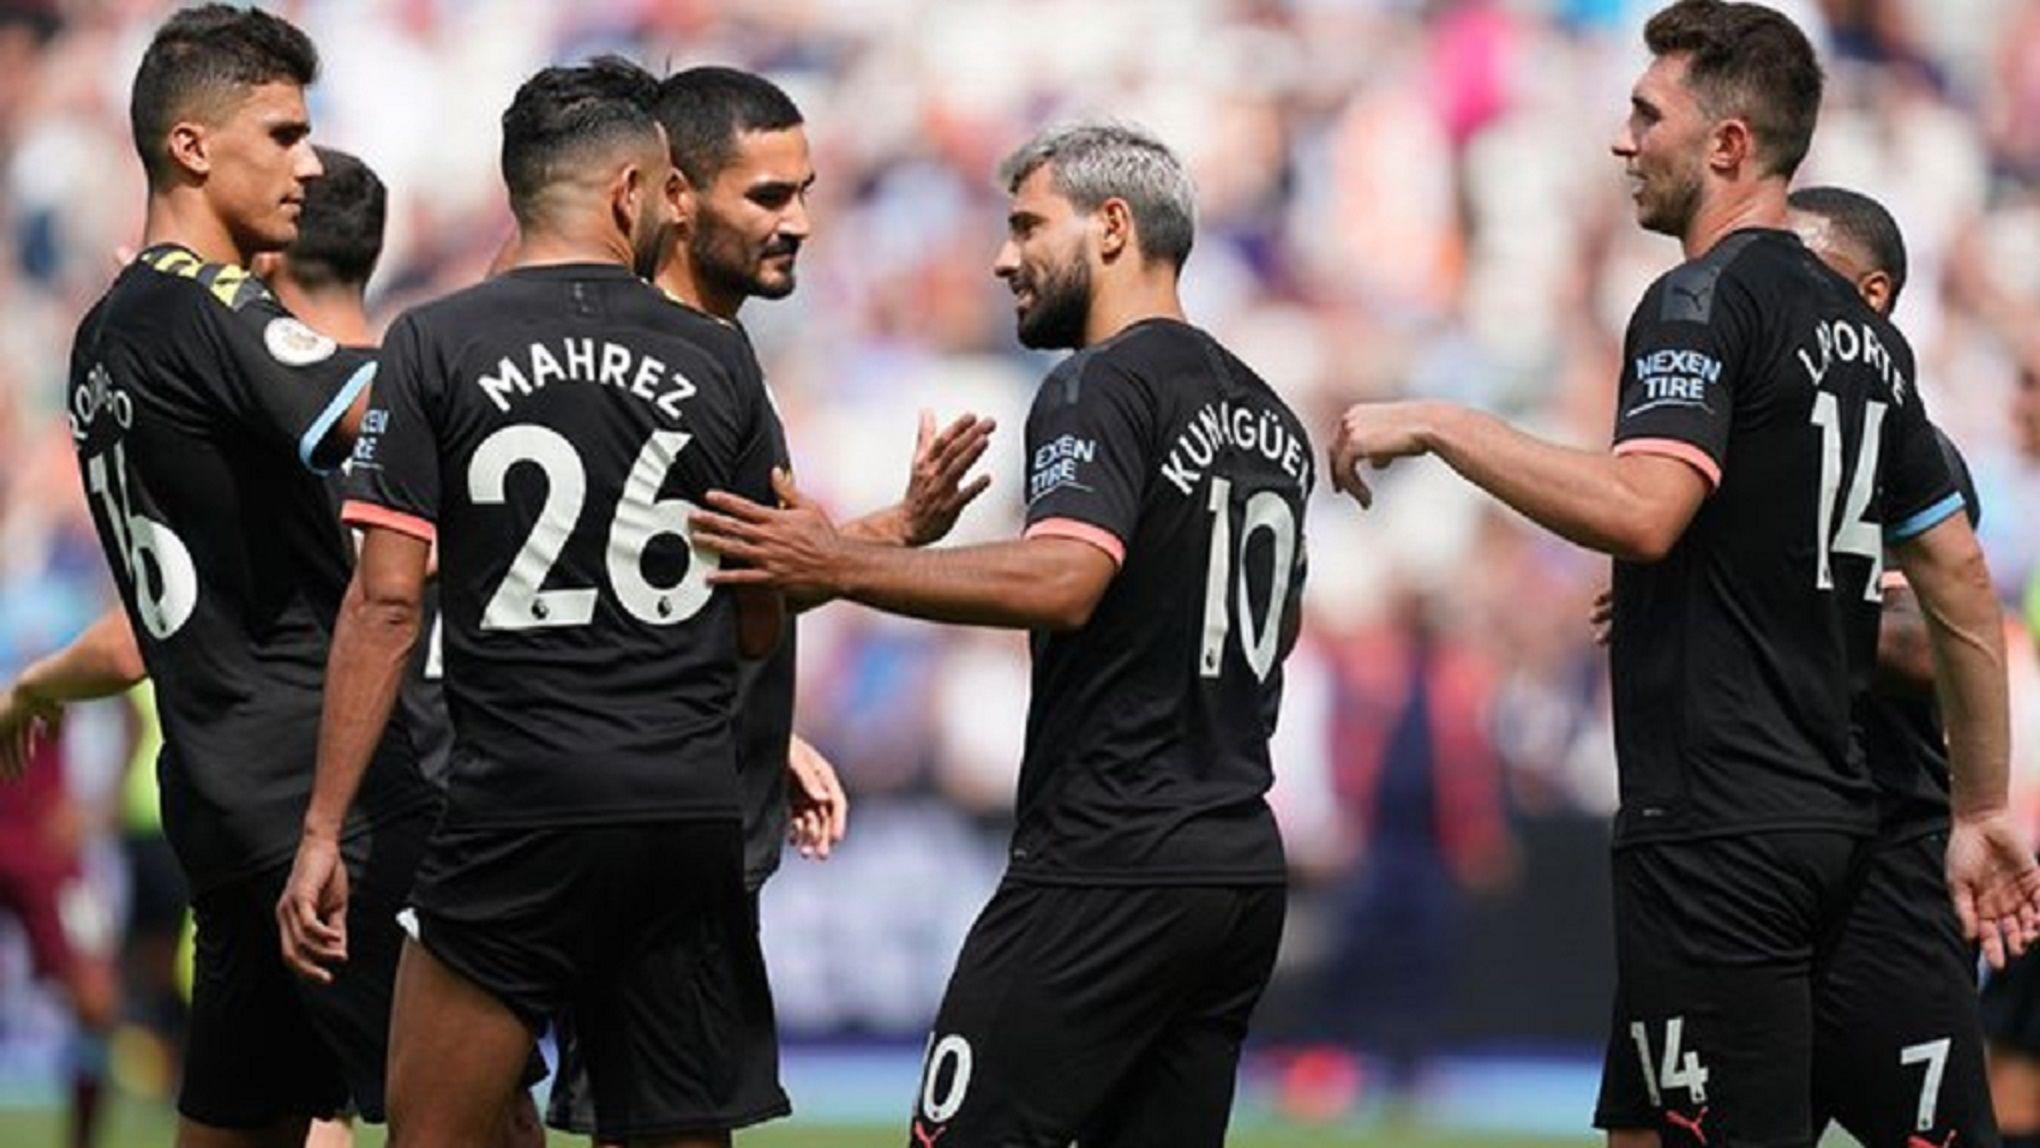 Premier League: Manchester City debutó con goleada al West Ham y un tanto de Agüero